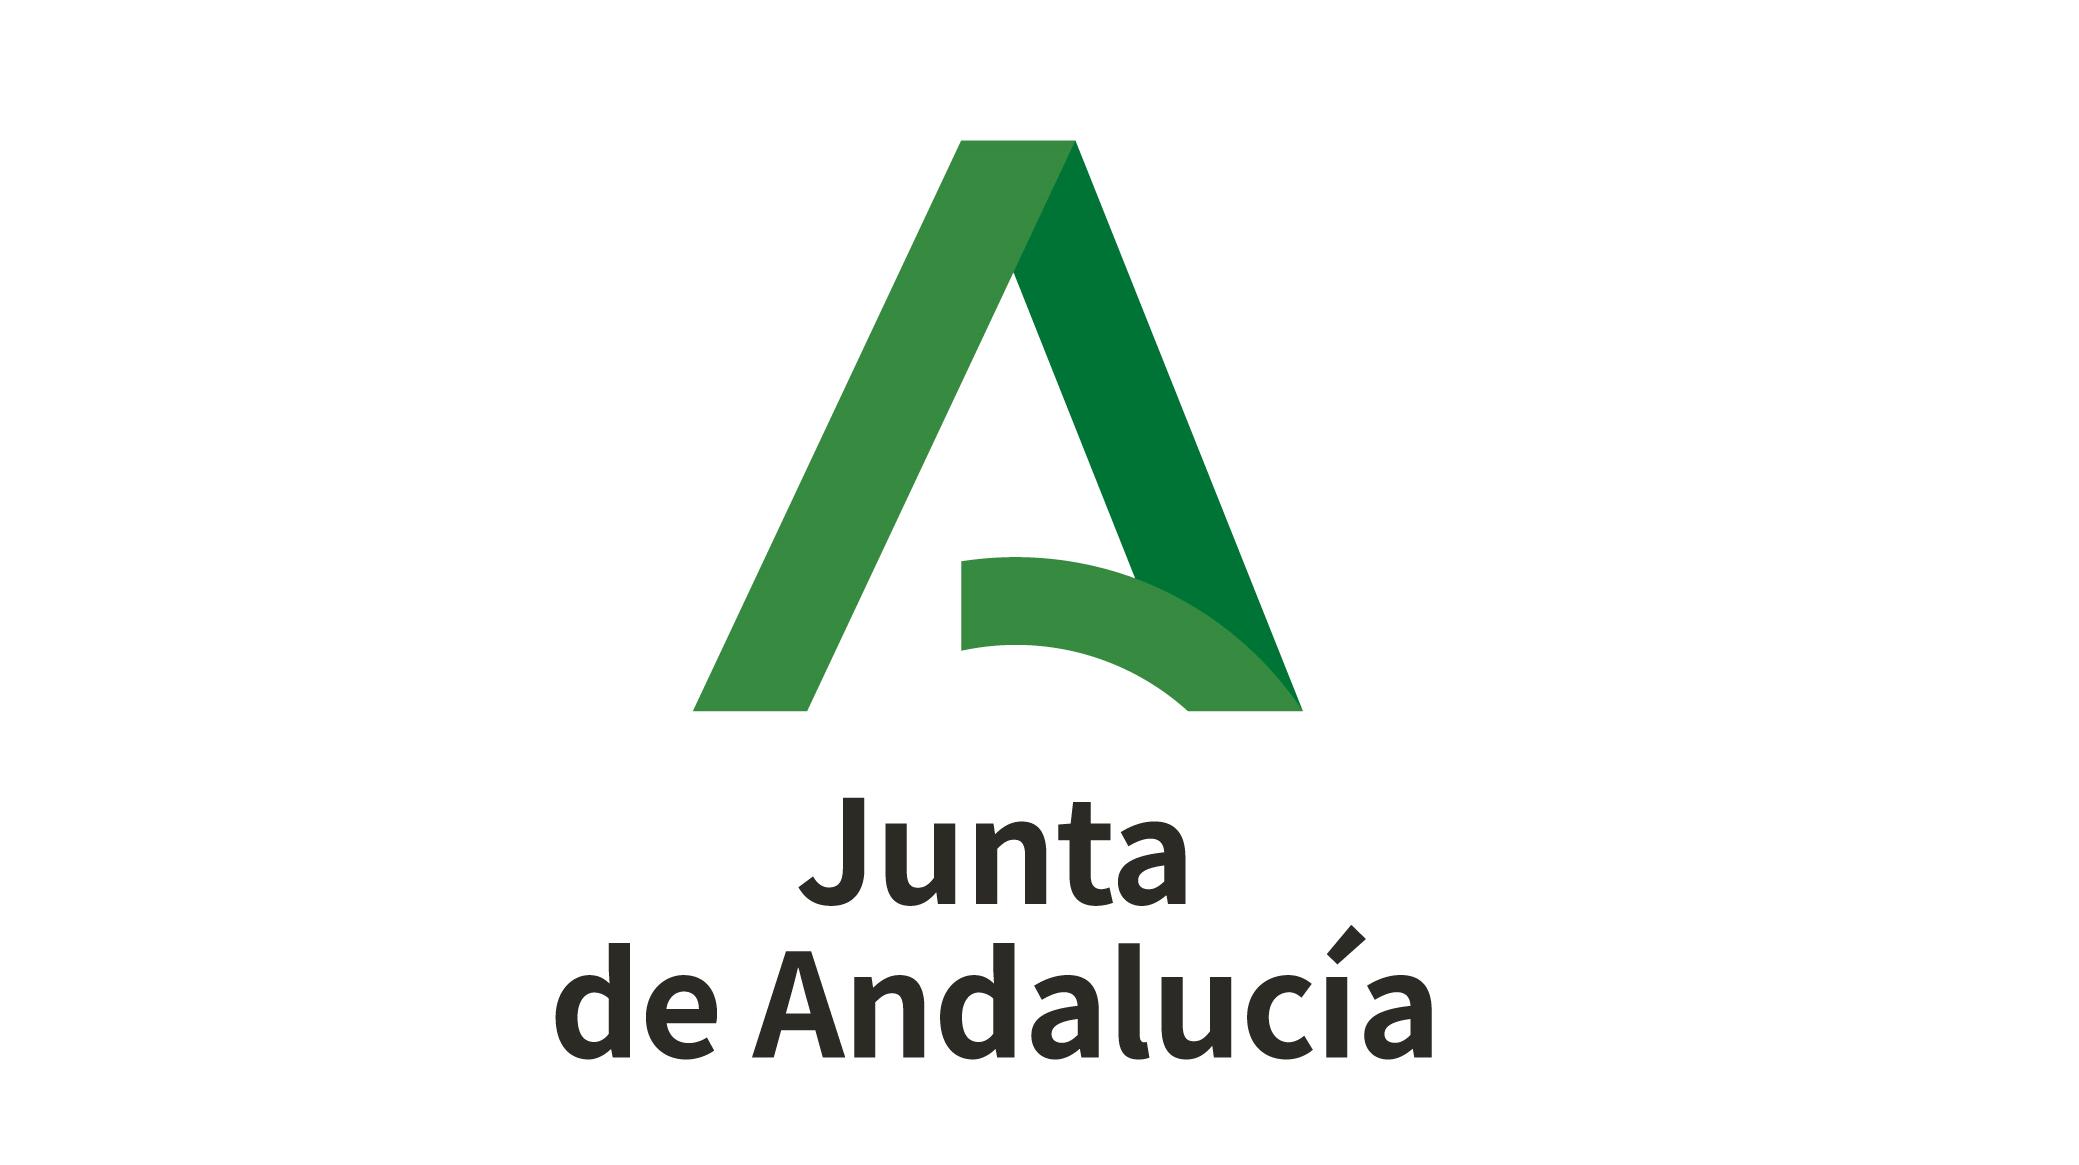 Logo junta and